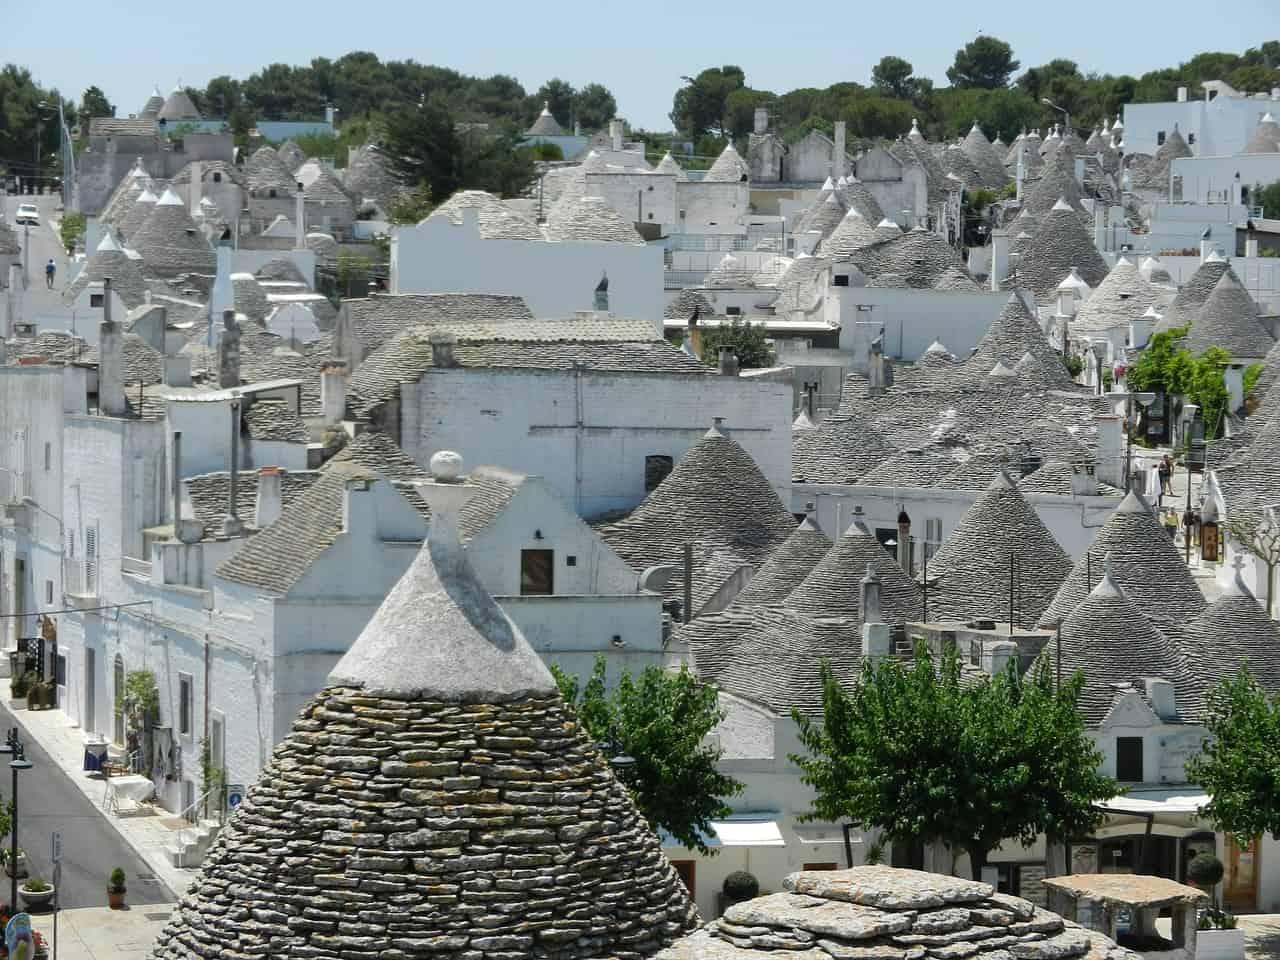 Des maisons blanches ou des trulli à Alberobello, l'un des plus beaux villages italiens.